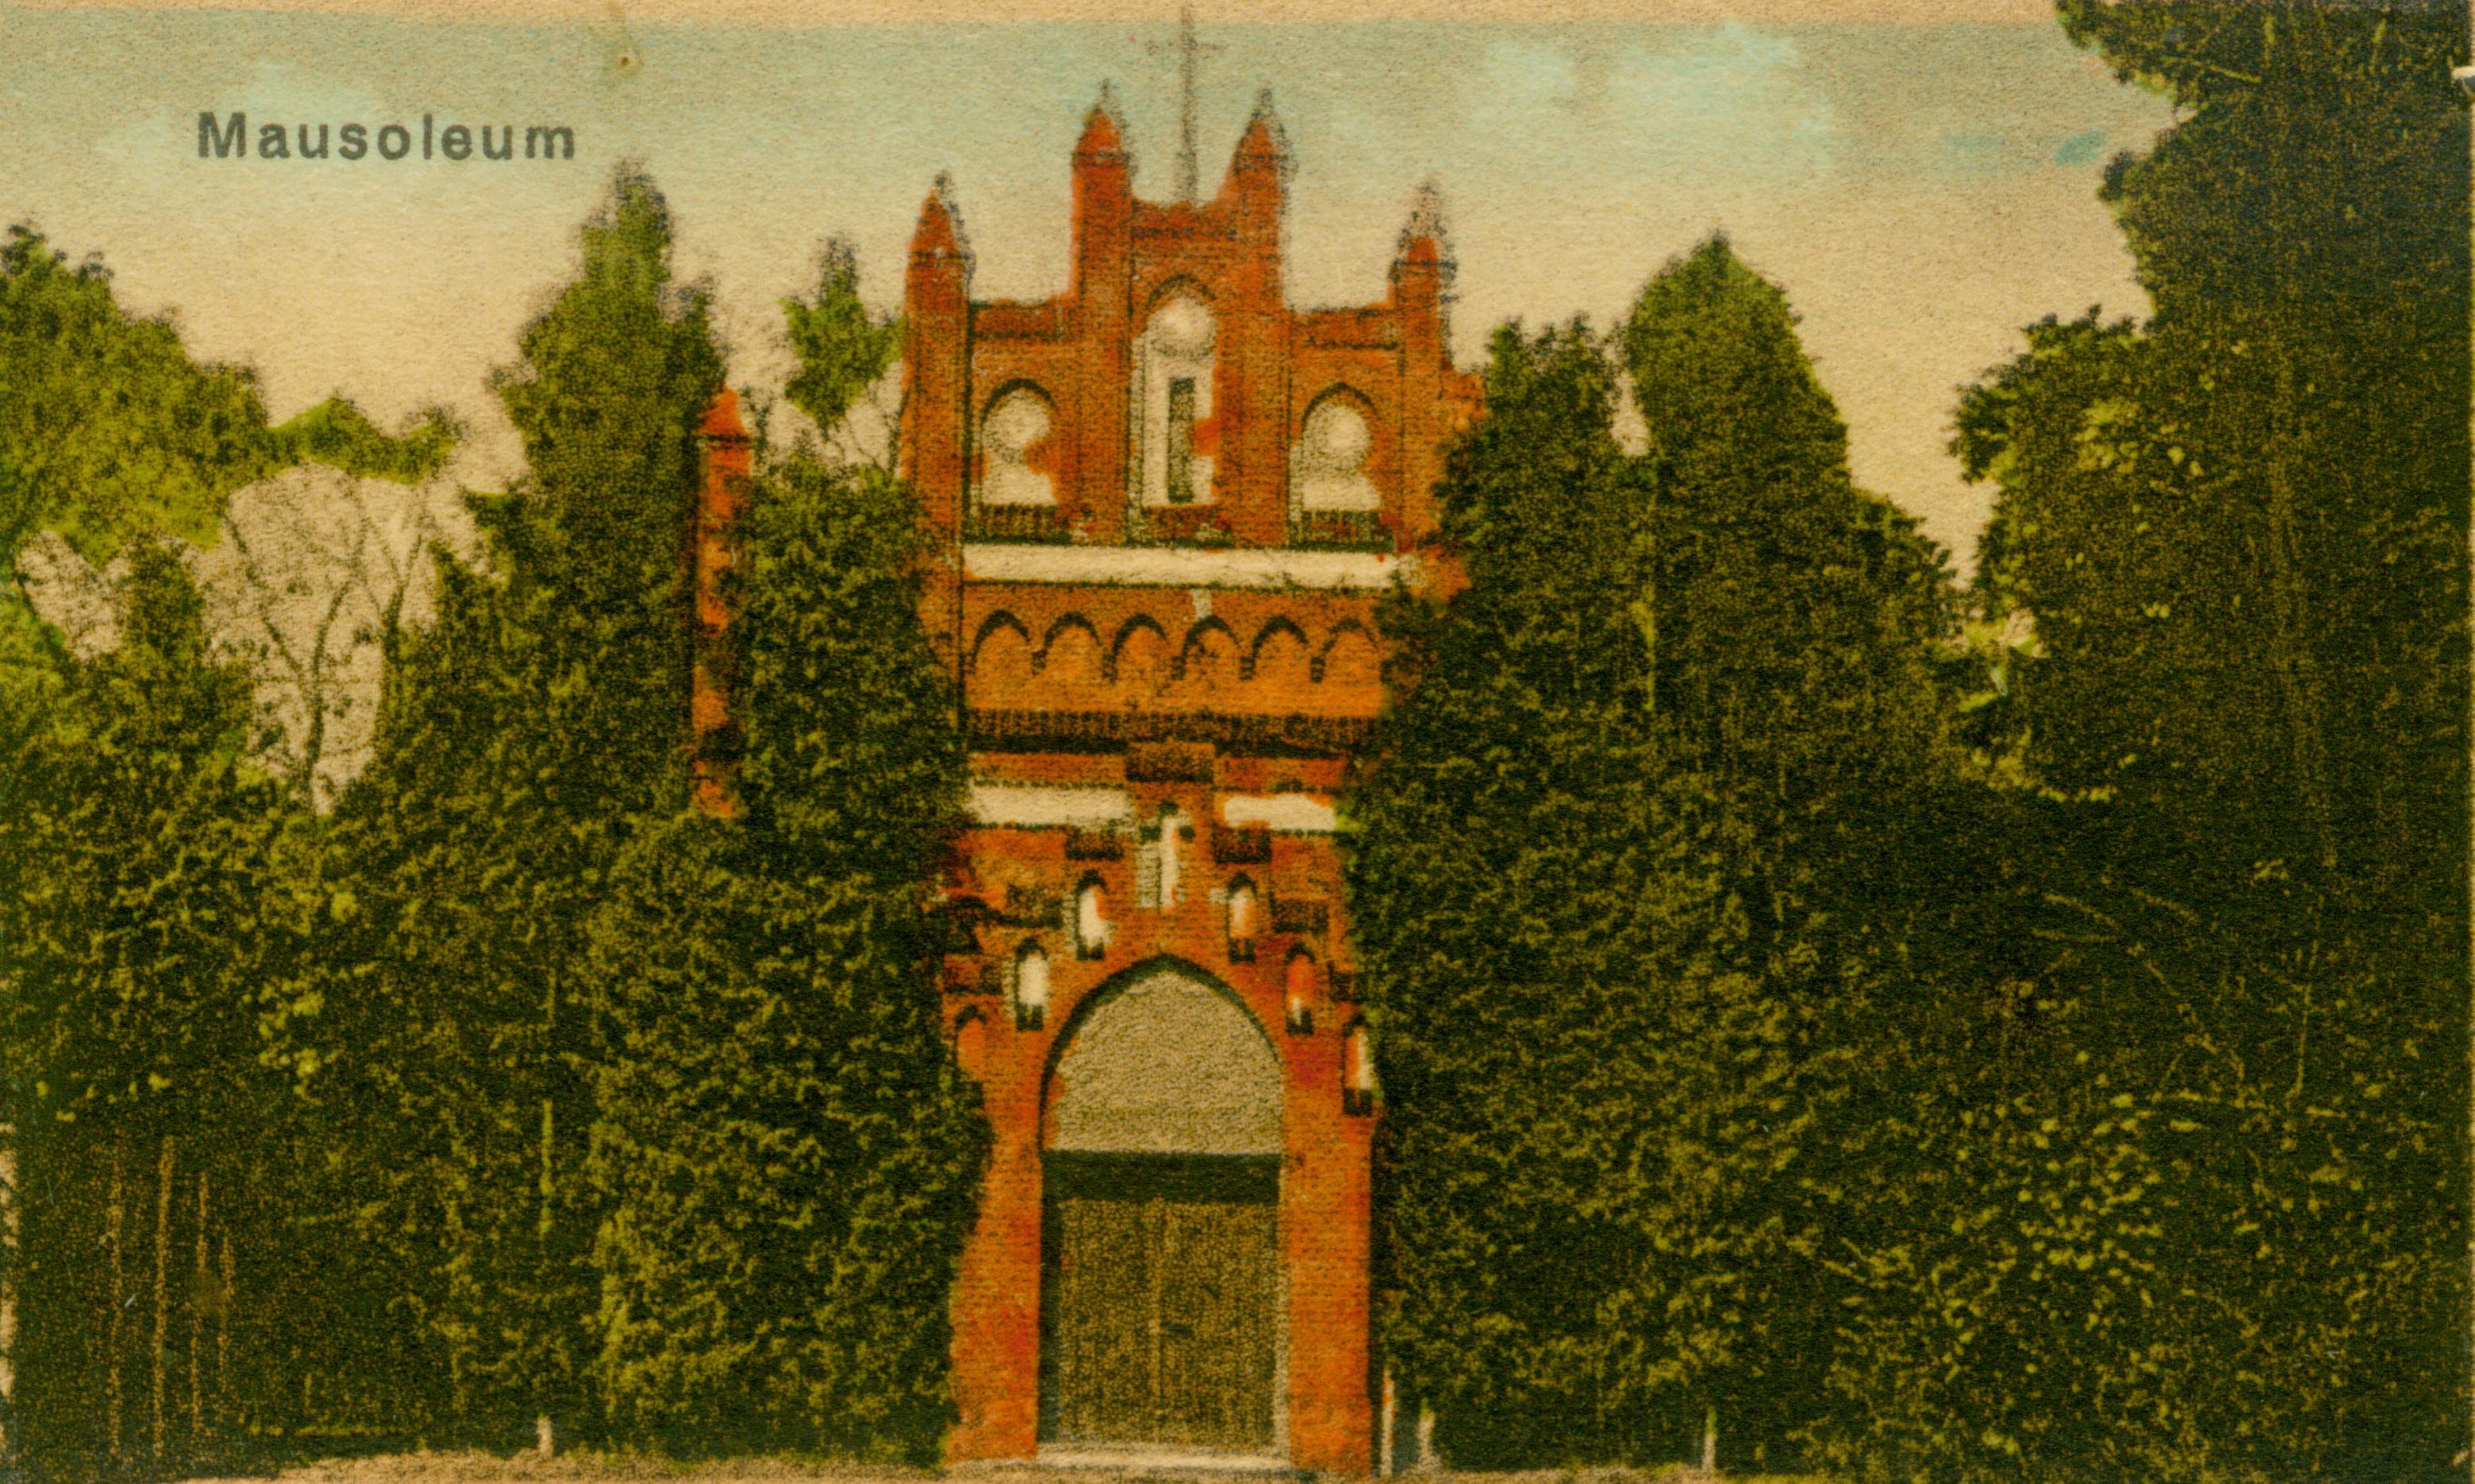 drzeniow-mauzoleum